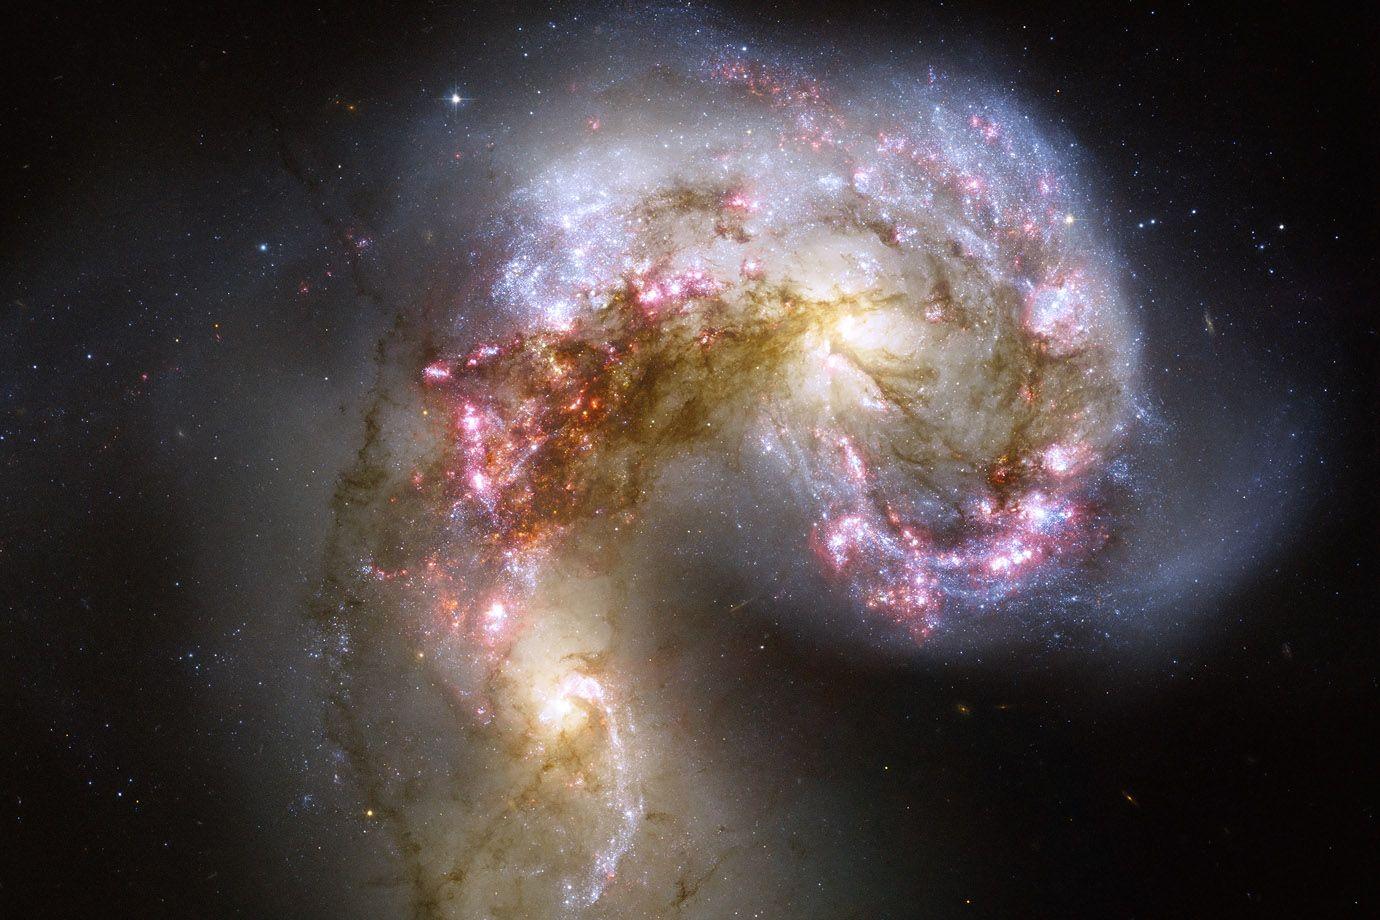 Galaxien ngc 4038 und ngc 4039 antennen galaxien